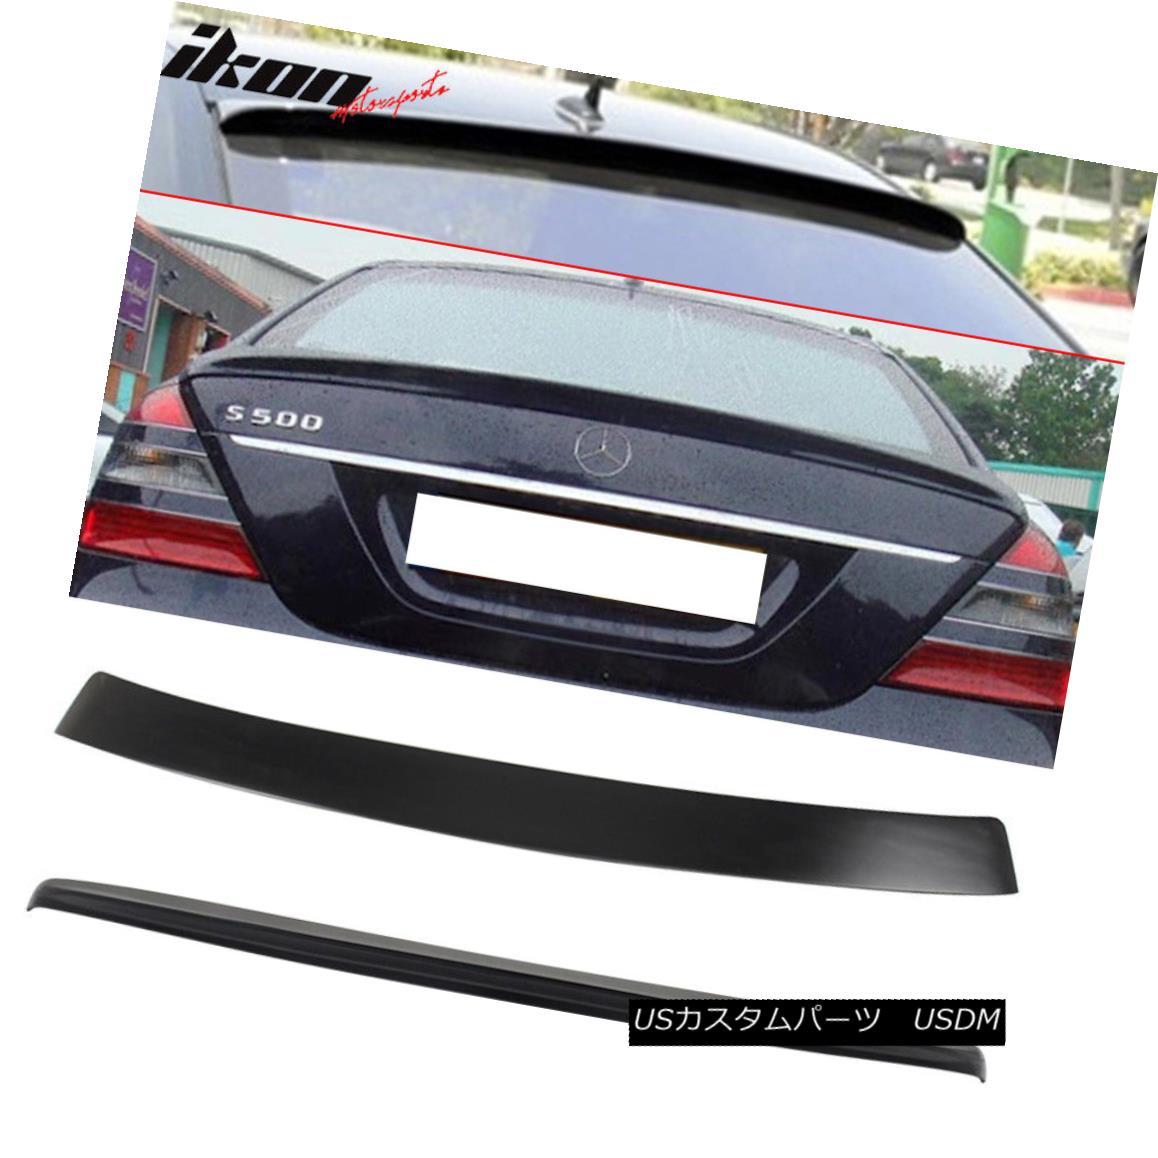 エアロパーツ Fits 07-13 Benz S Class W221 Sedan AMG Trunk Spoiler & L Type Roof Wing ABS フィット07-13ベンツSクラスW221セダンAMGトランクスポイラー& L型ルーフウィングABS